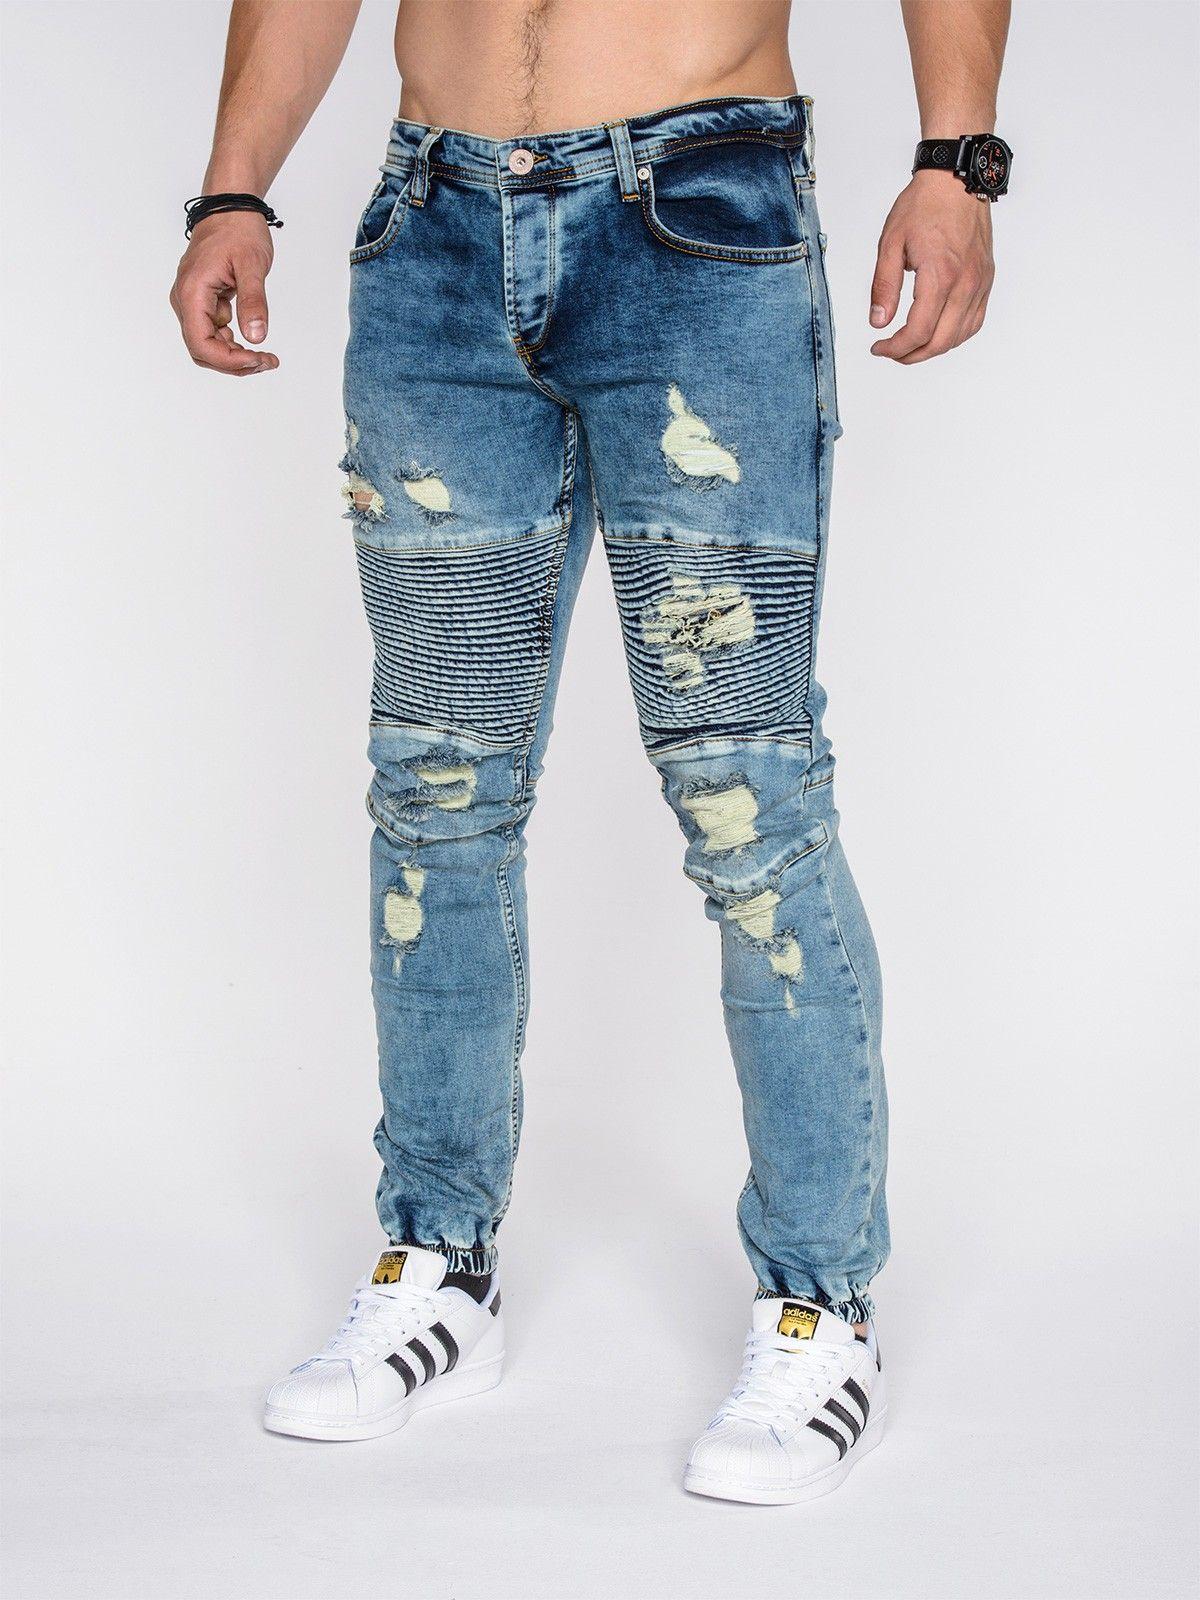 Cipo Baxx Jeans Uomo Jeans Pantaloni Straight Fit Cut Denim Casual Club Denim